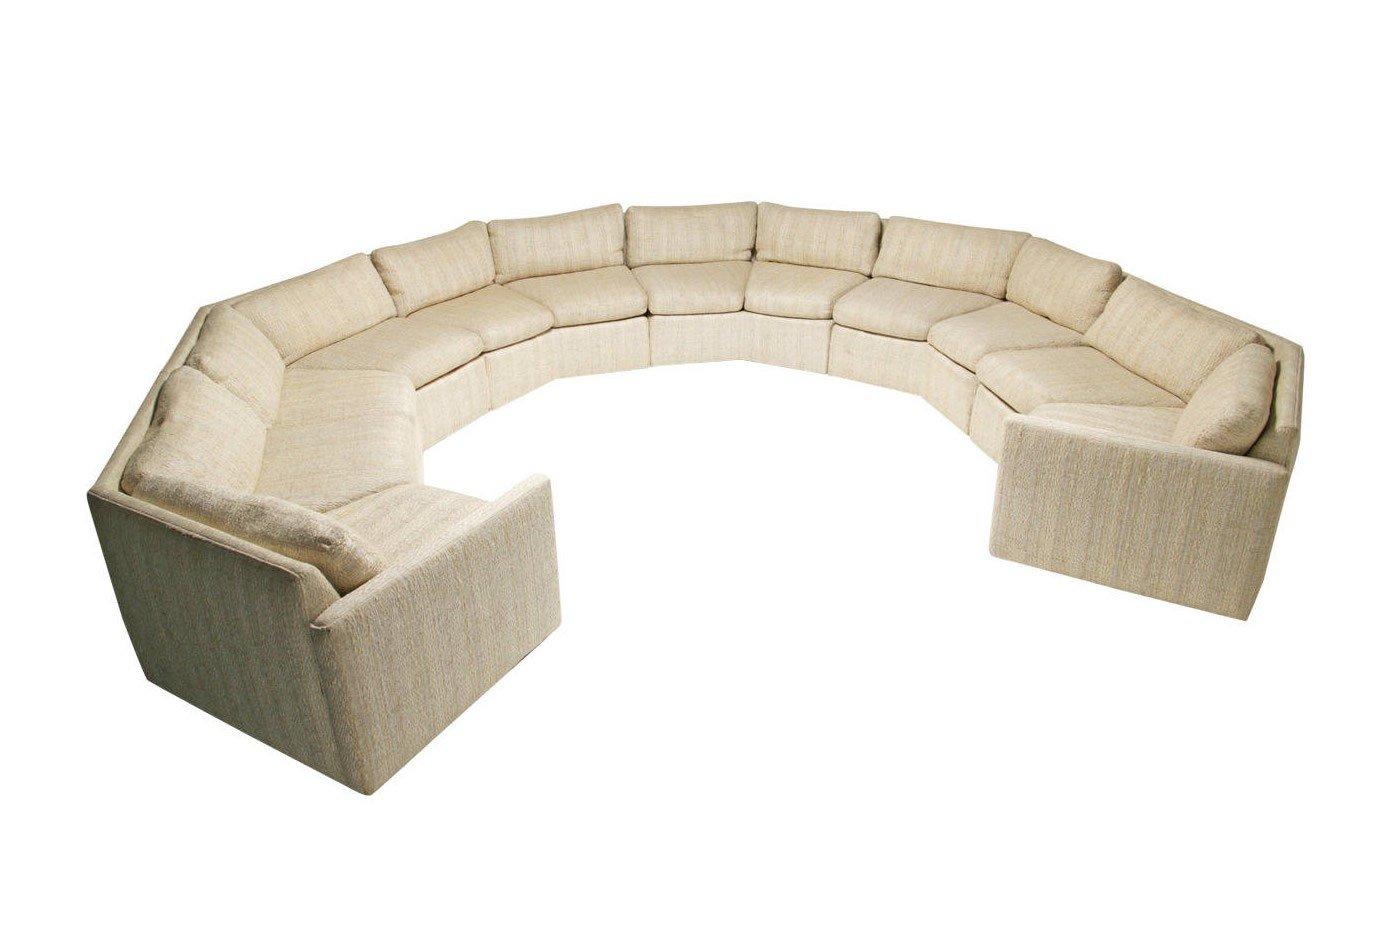 canap modulaire vintage en tweed en vente sur pamono. Black Bedroom Furniture Sets. Home Design Ideas